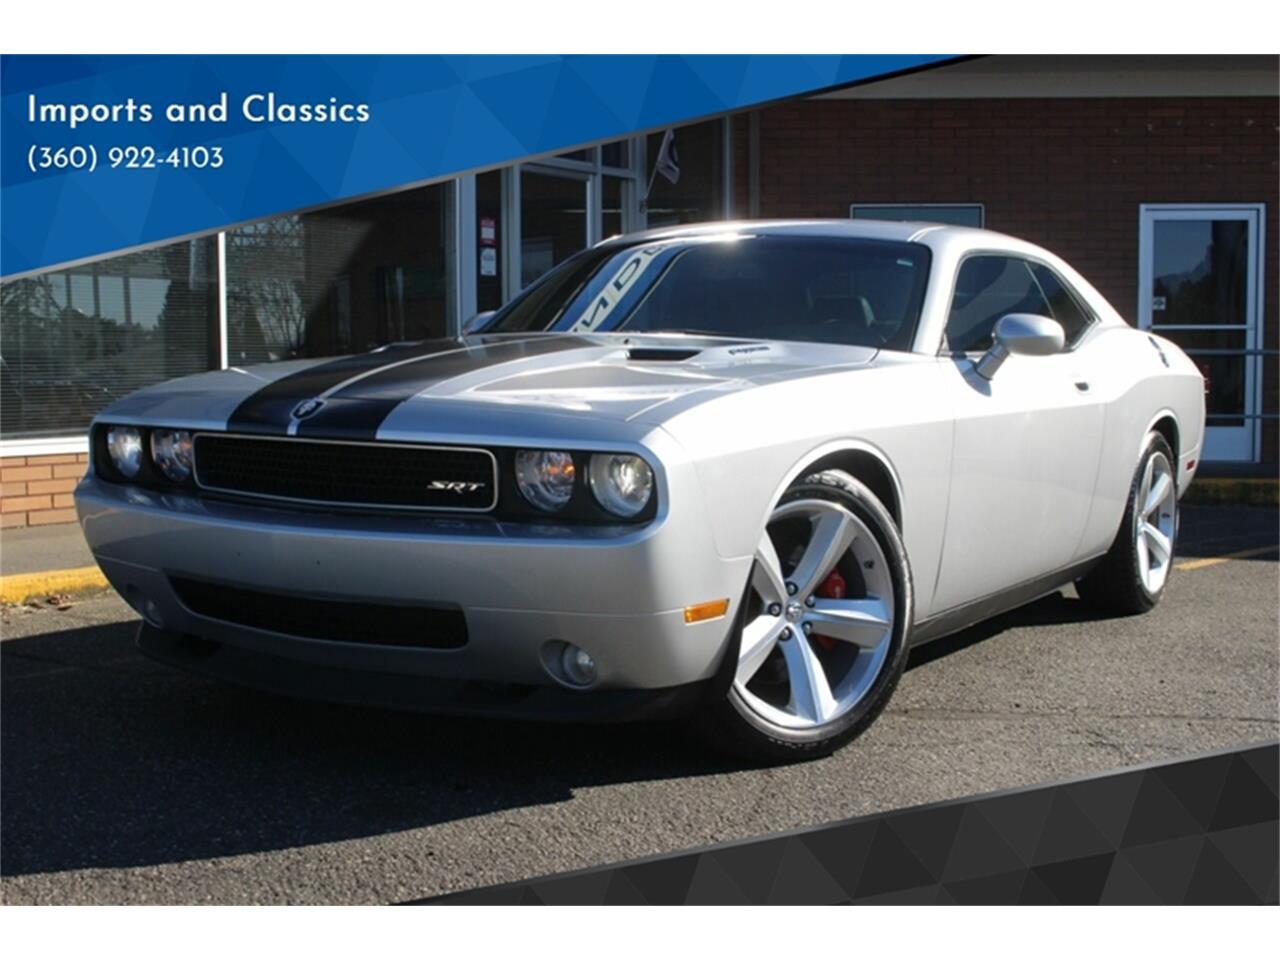 2010 Dodge Challenger For Sale >> For Sale 2010 Dodge Challenger In Lynden Washington